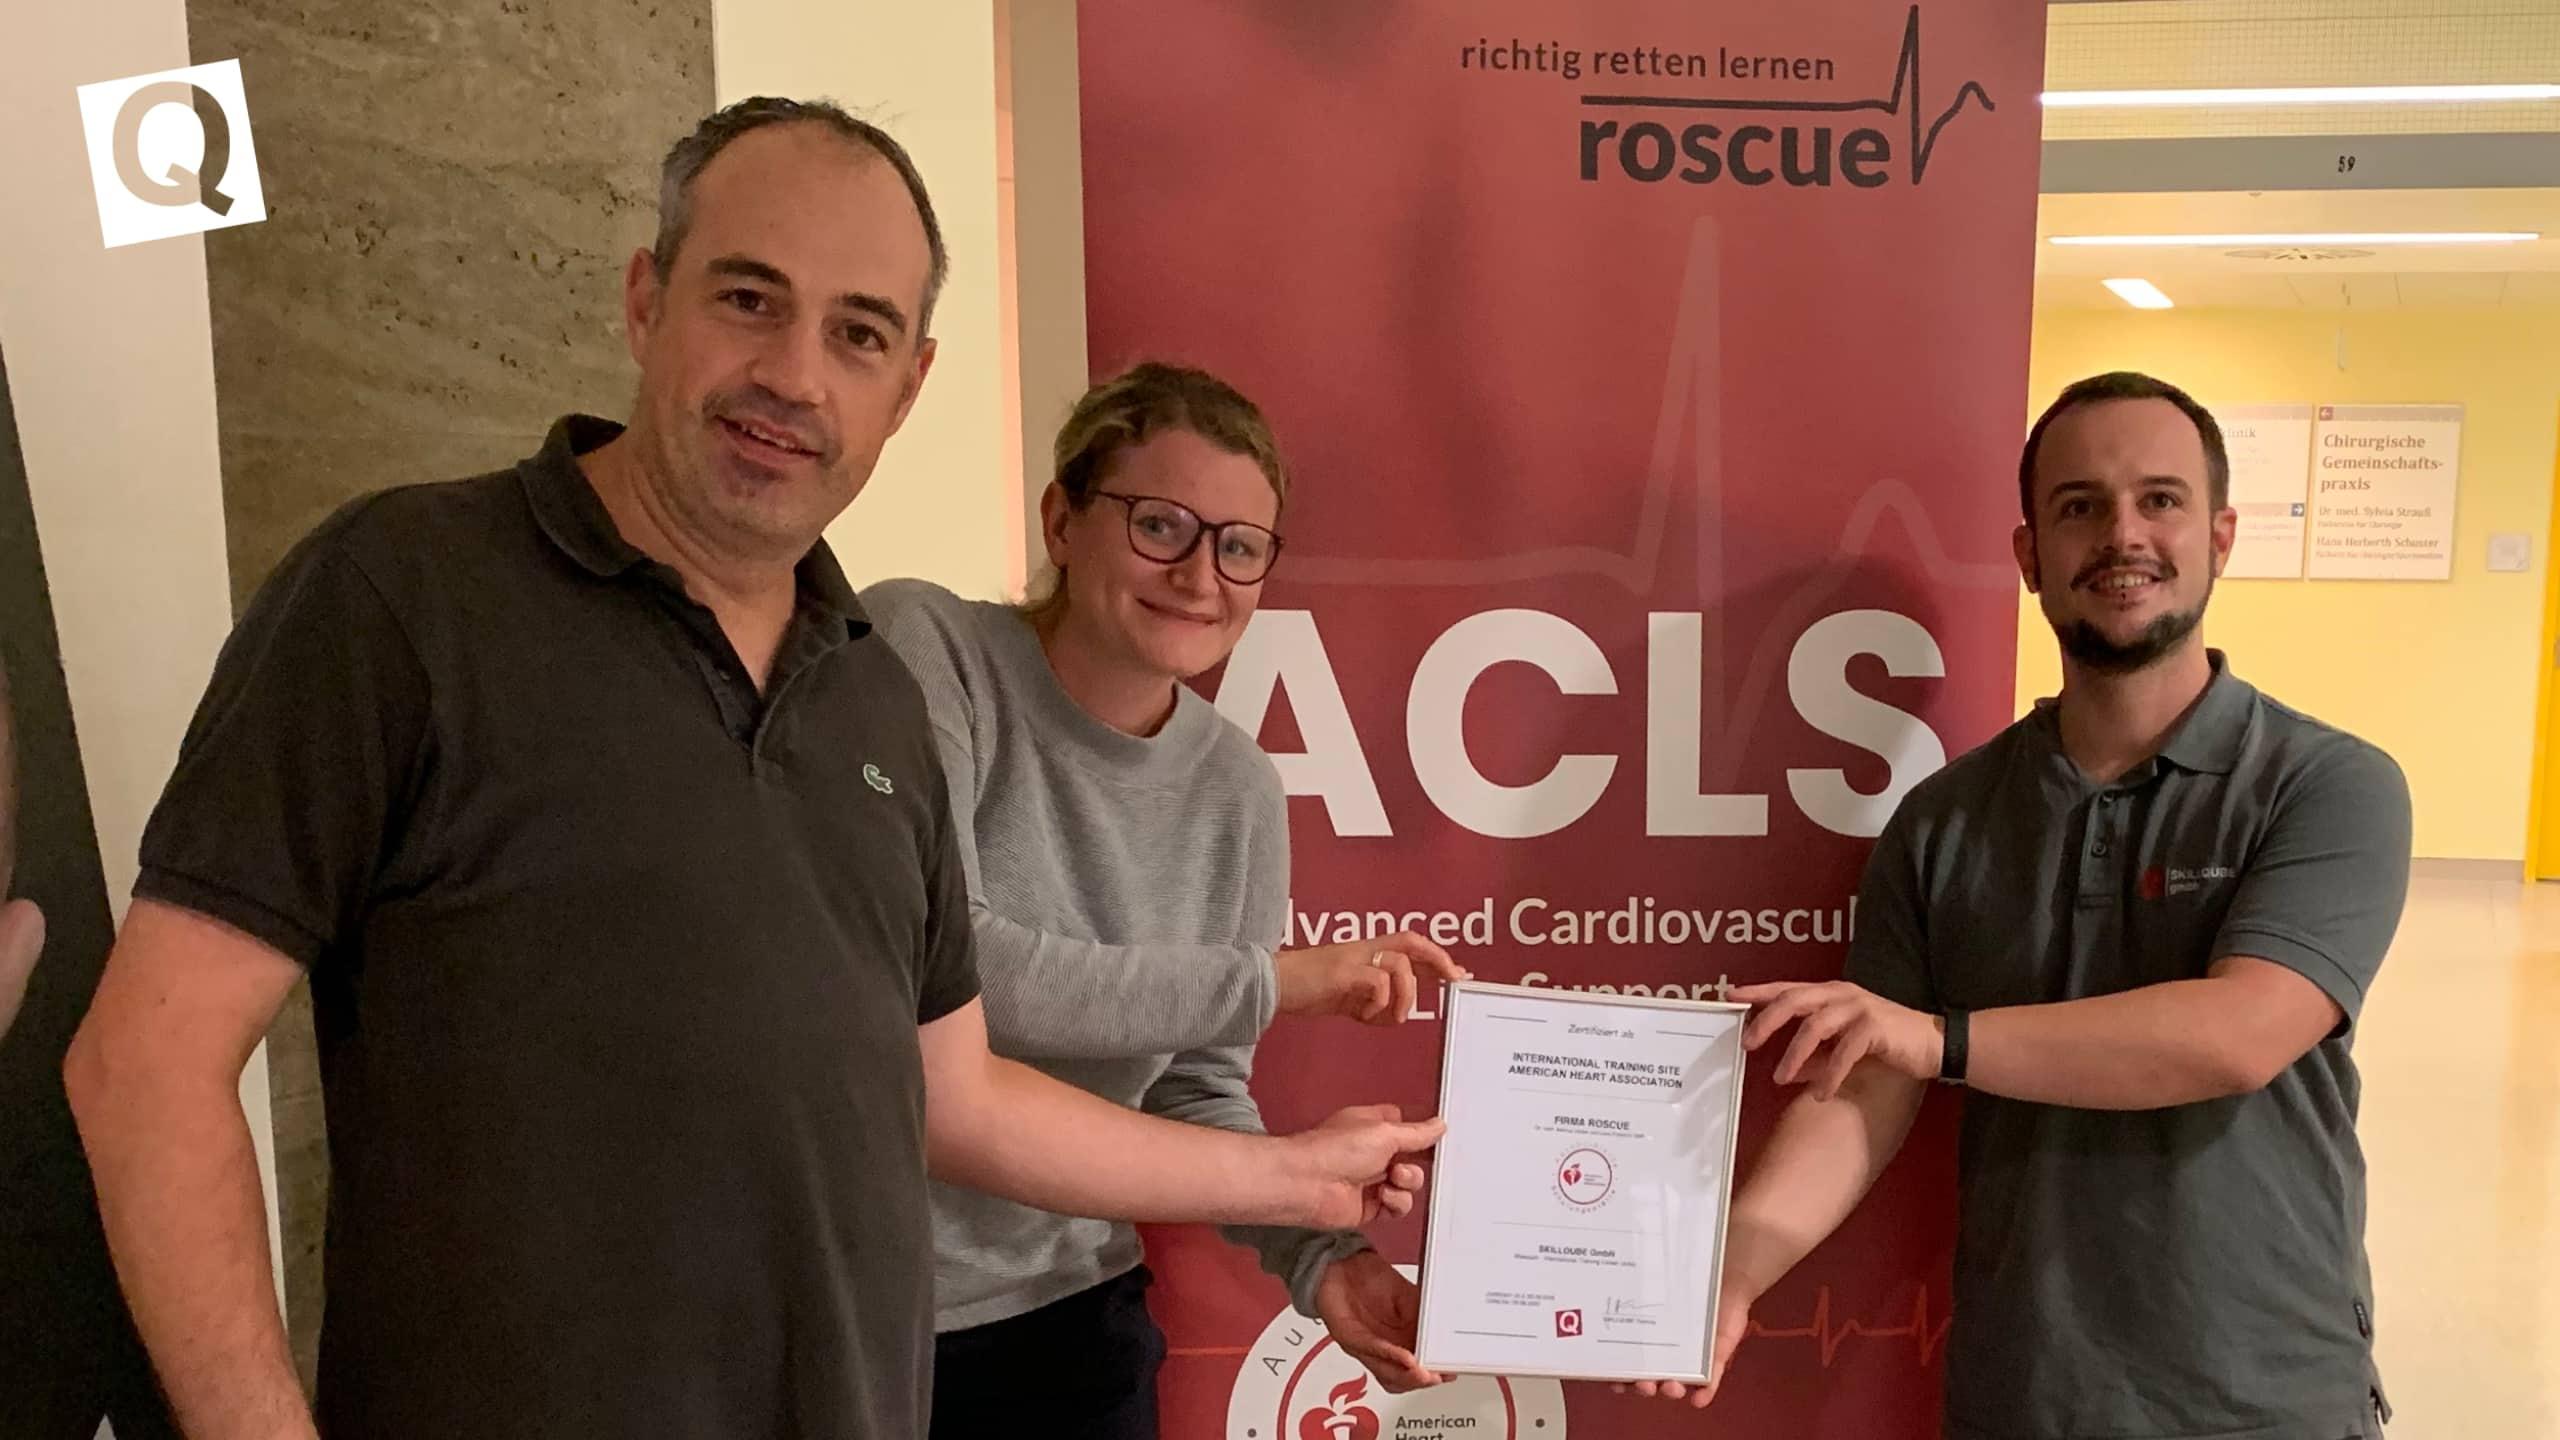 roscue ist neue International Training Site (ITS) von SKILLQUBE